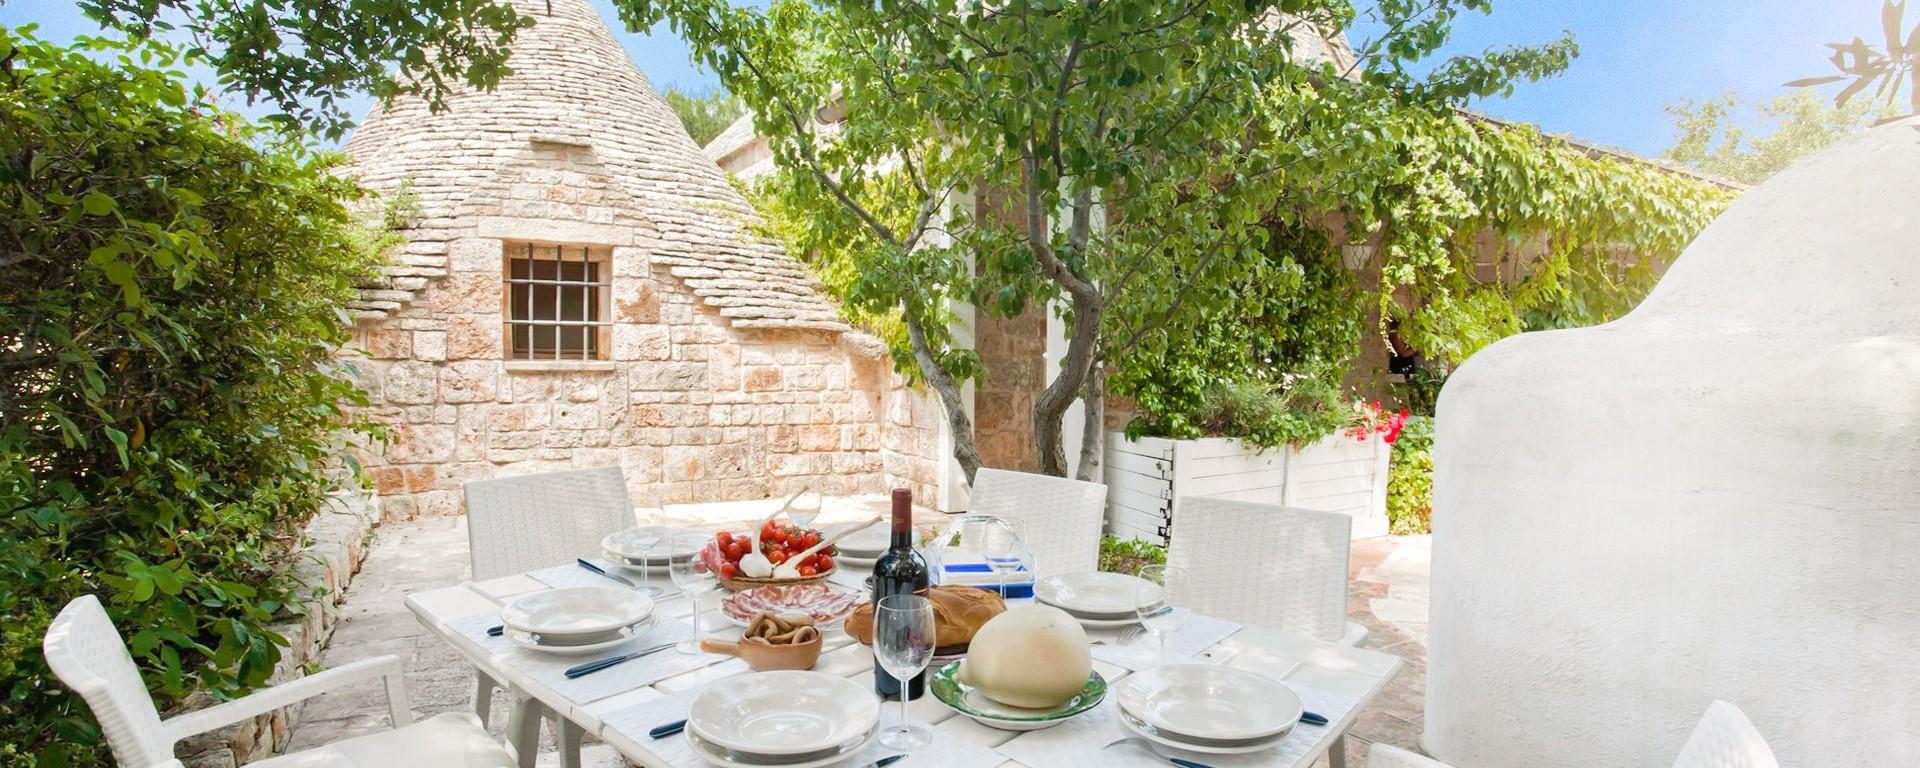 trulli-volpe-Alberobello-dining-terrace.